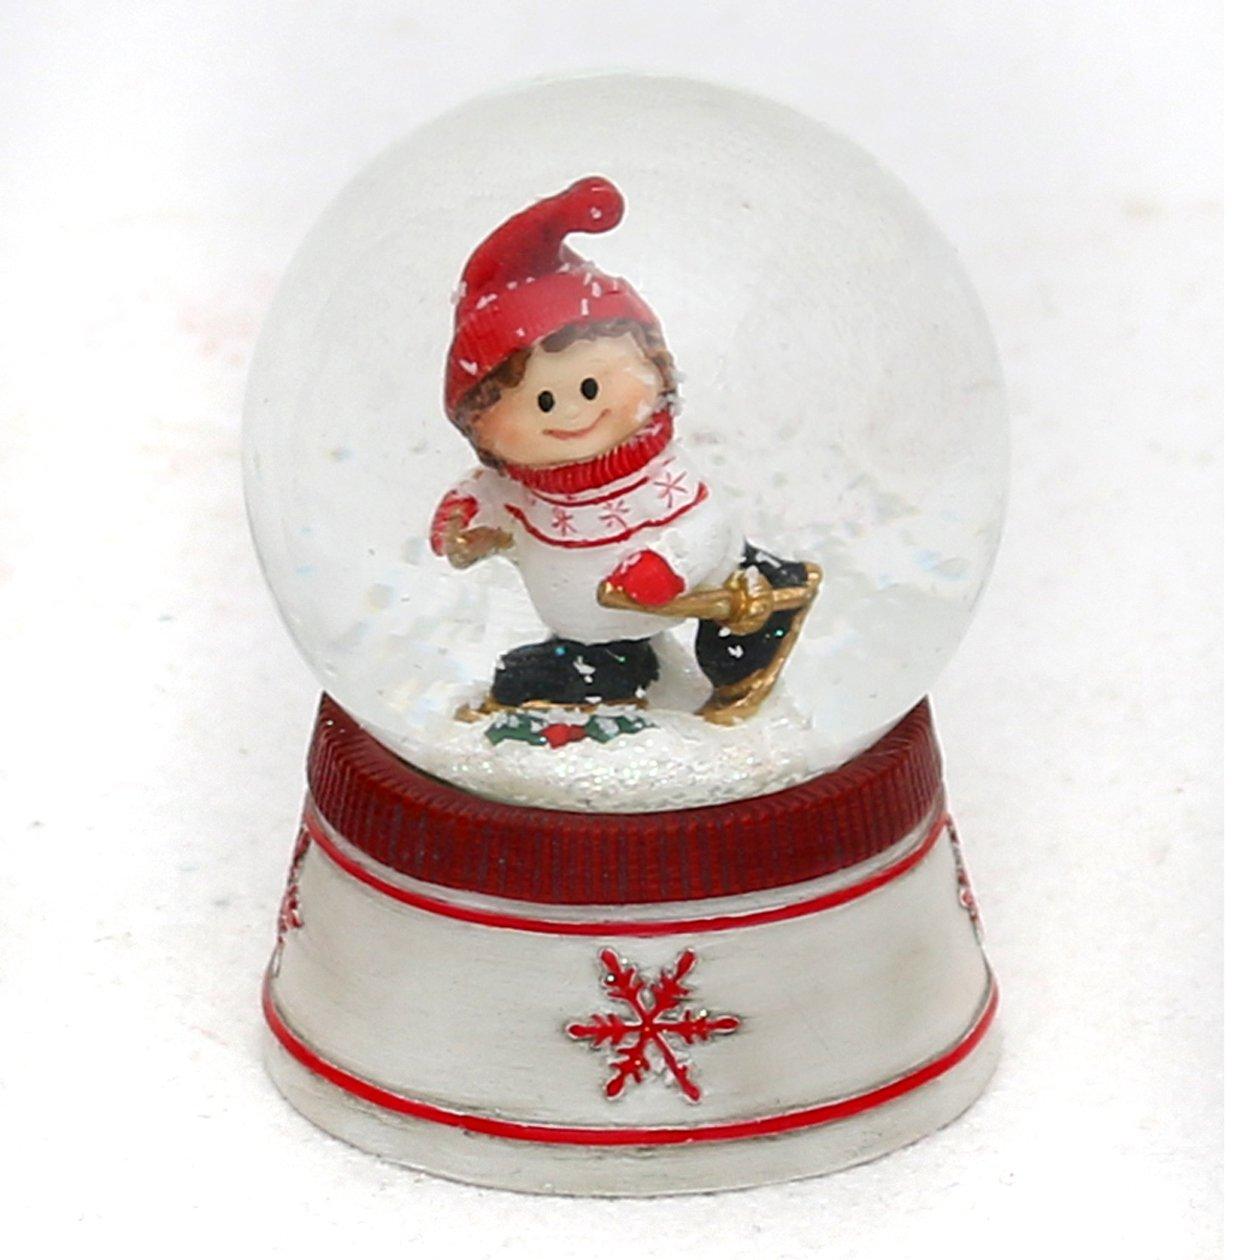 Bella e originale palla di vetro con neve. Disegno: Bambina con pattini da ghiaccio, circa 6,5 x 5 cm/ Ø 4,5 cm Dekohelden24